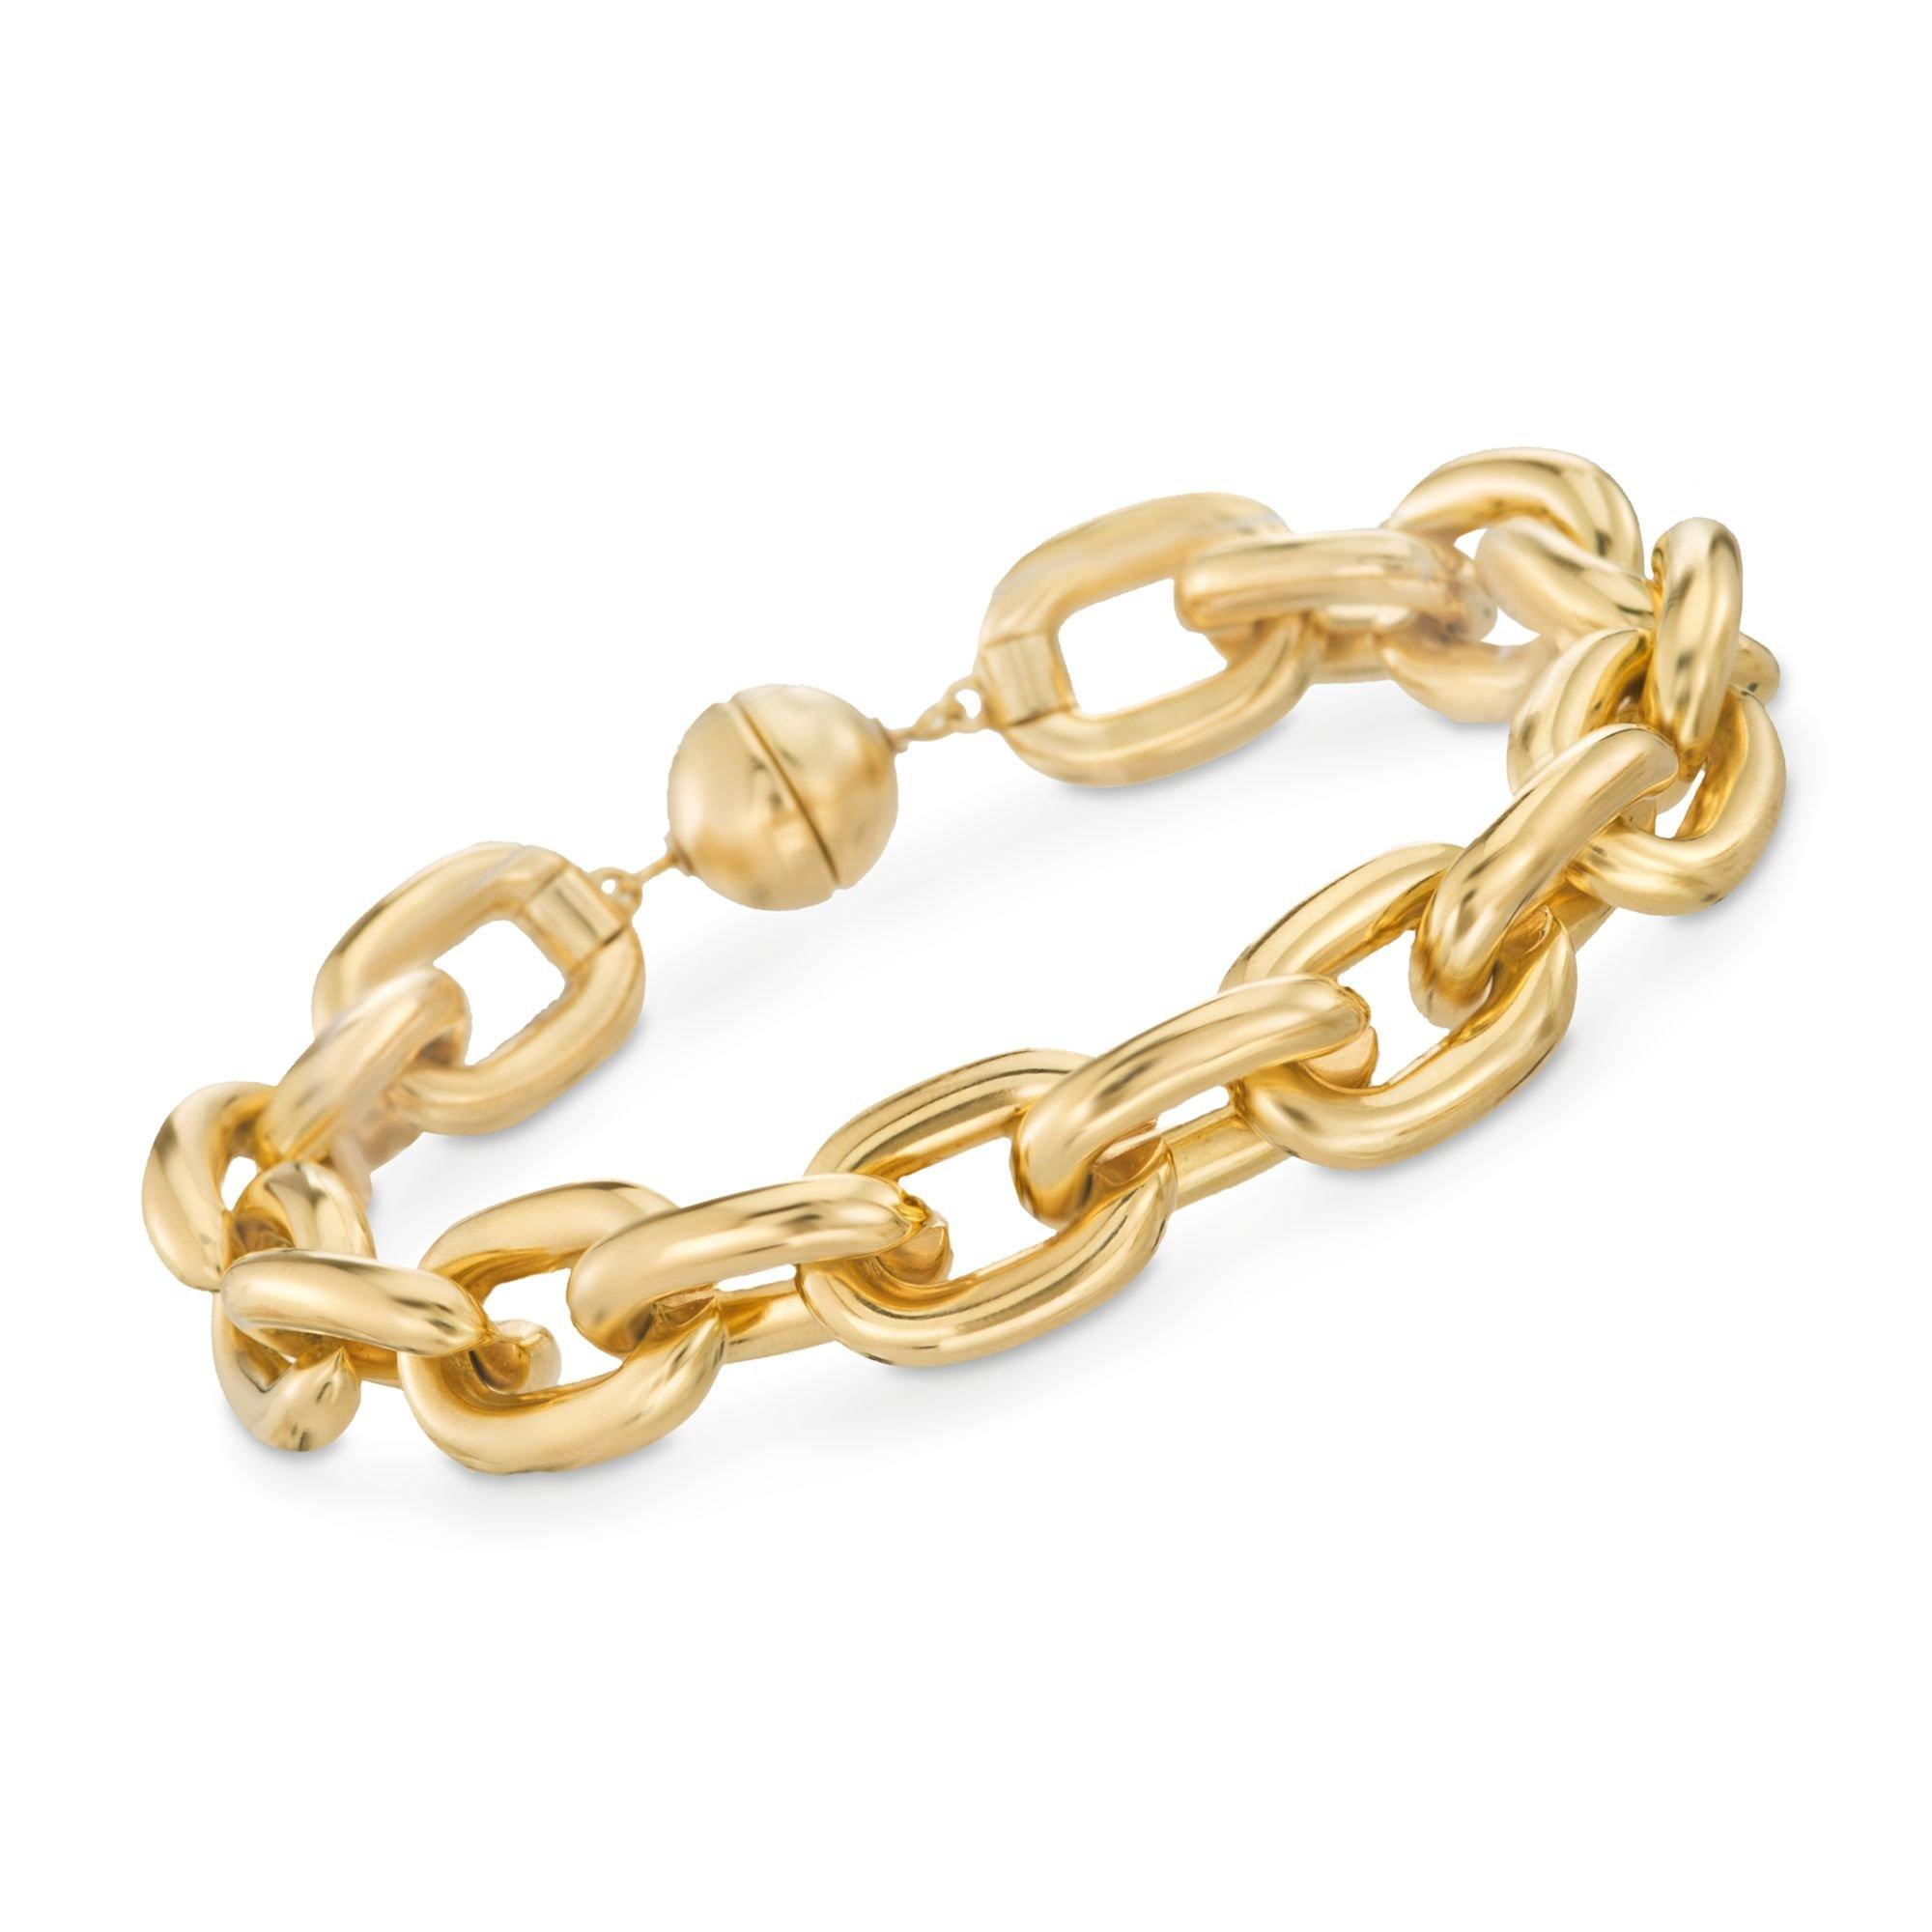 Ross-Simons Italian Andiamo 14kt Yellow Gold Chain-Style Link Bracelet by Ross-Simons